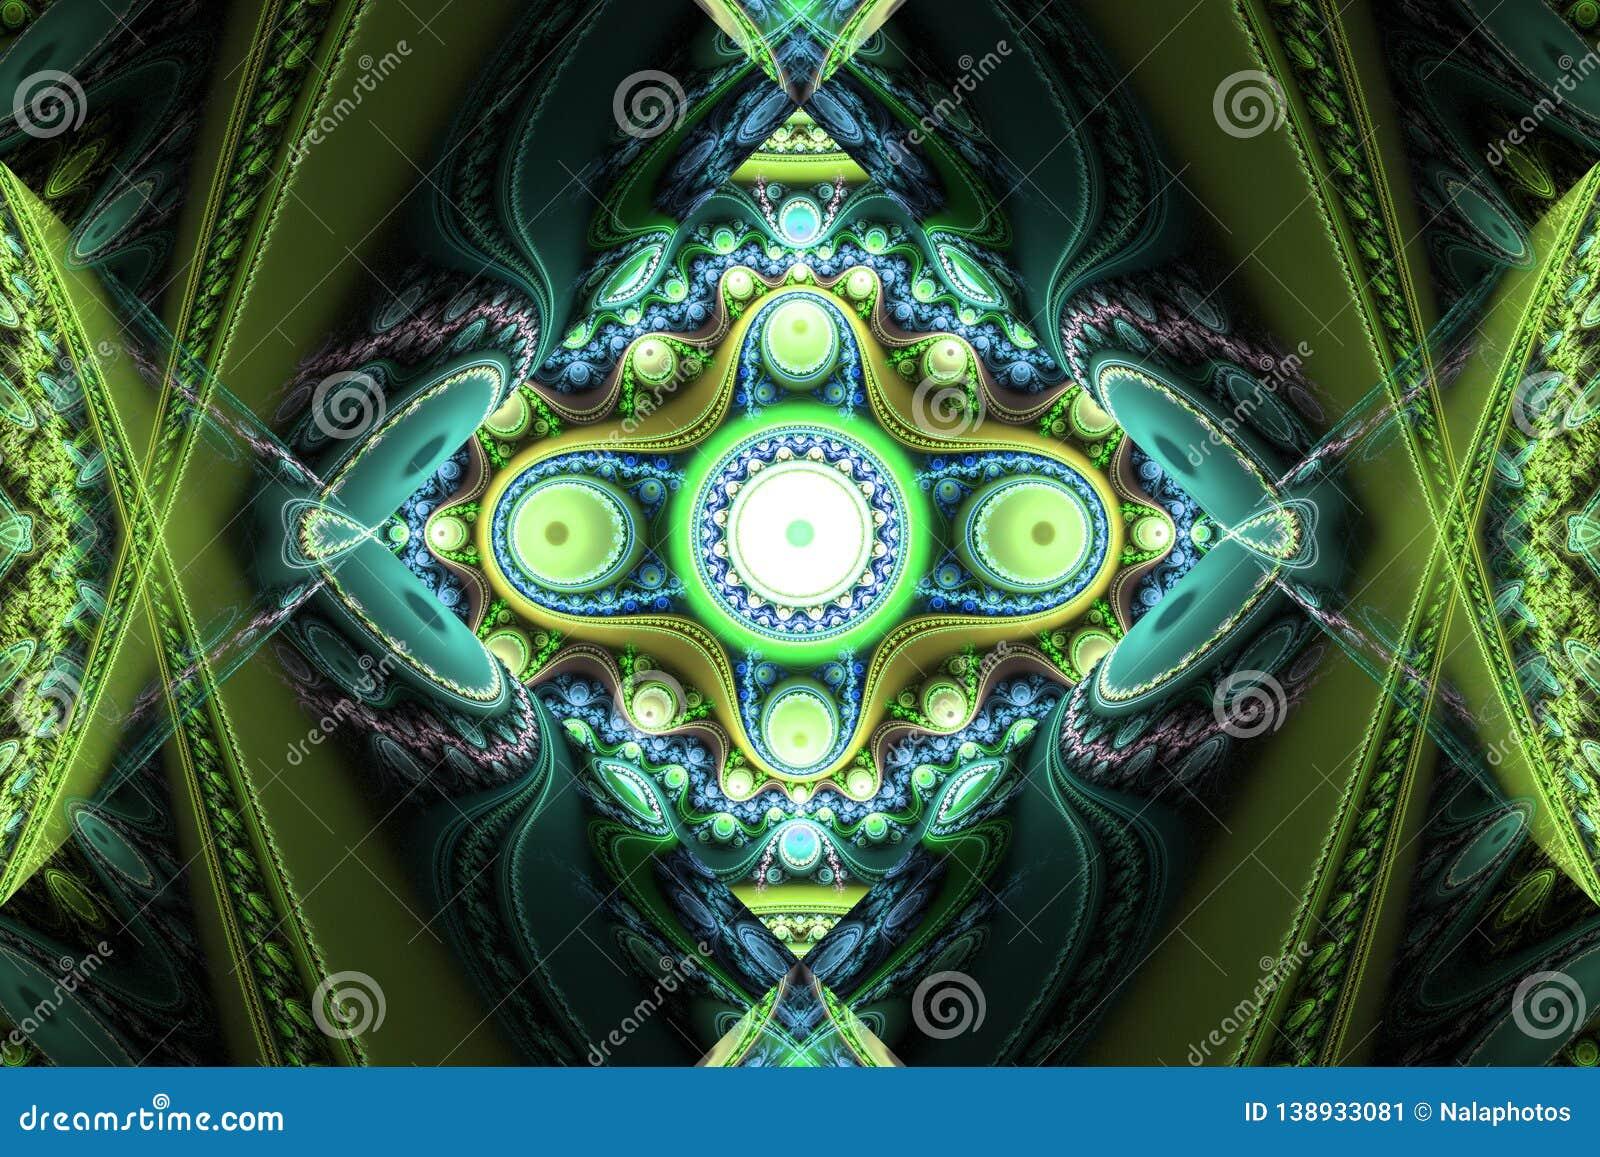 Green black waves fractal fraktal wallpaper background animated geometric shapes pattern